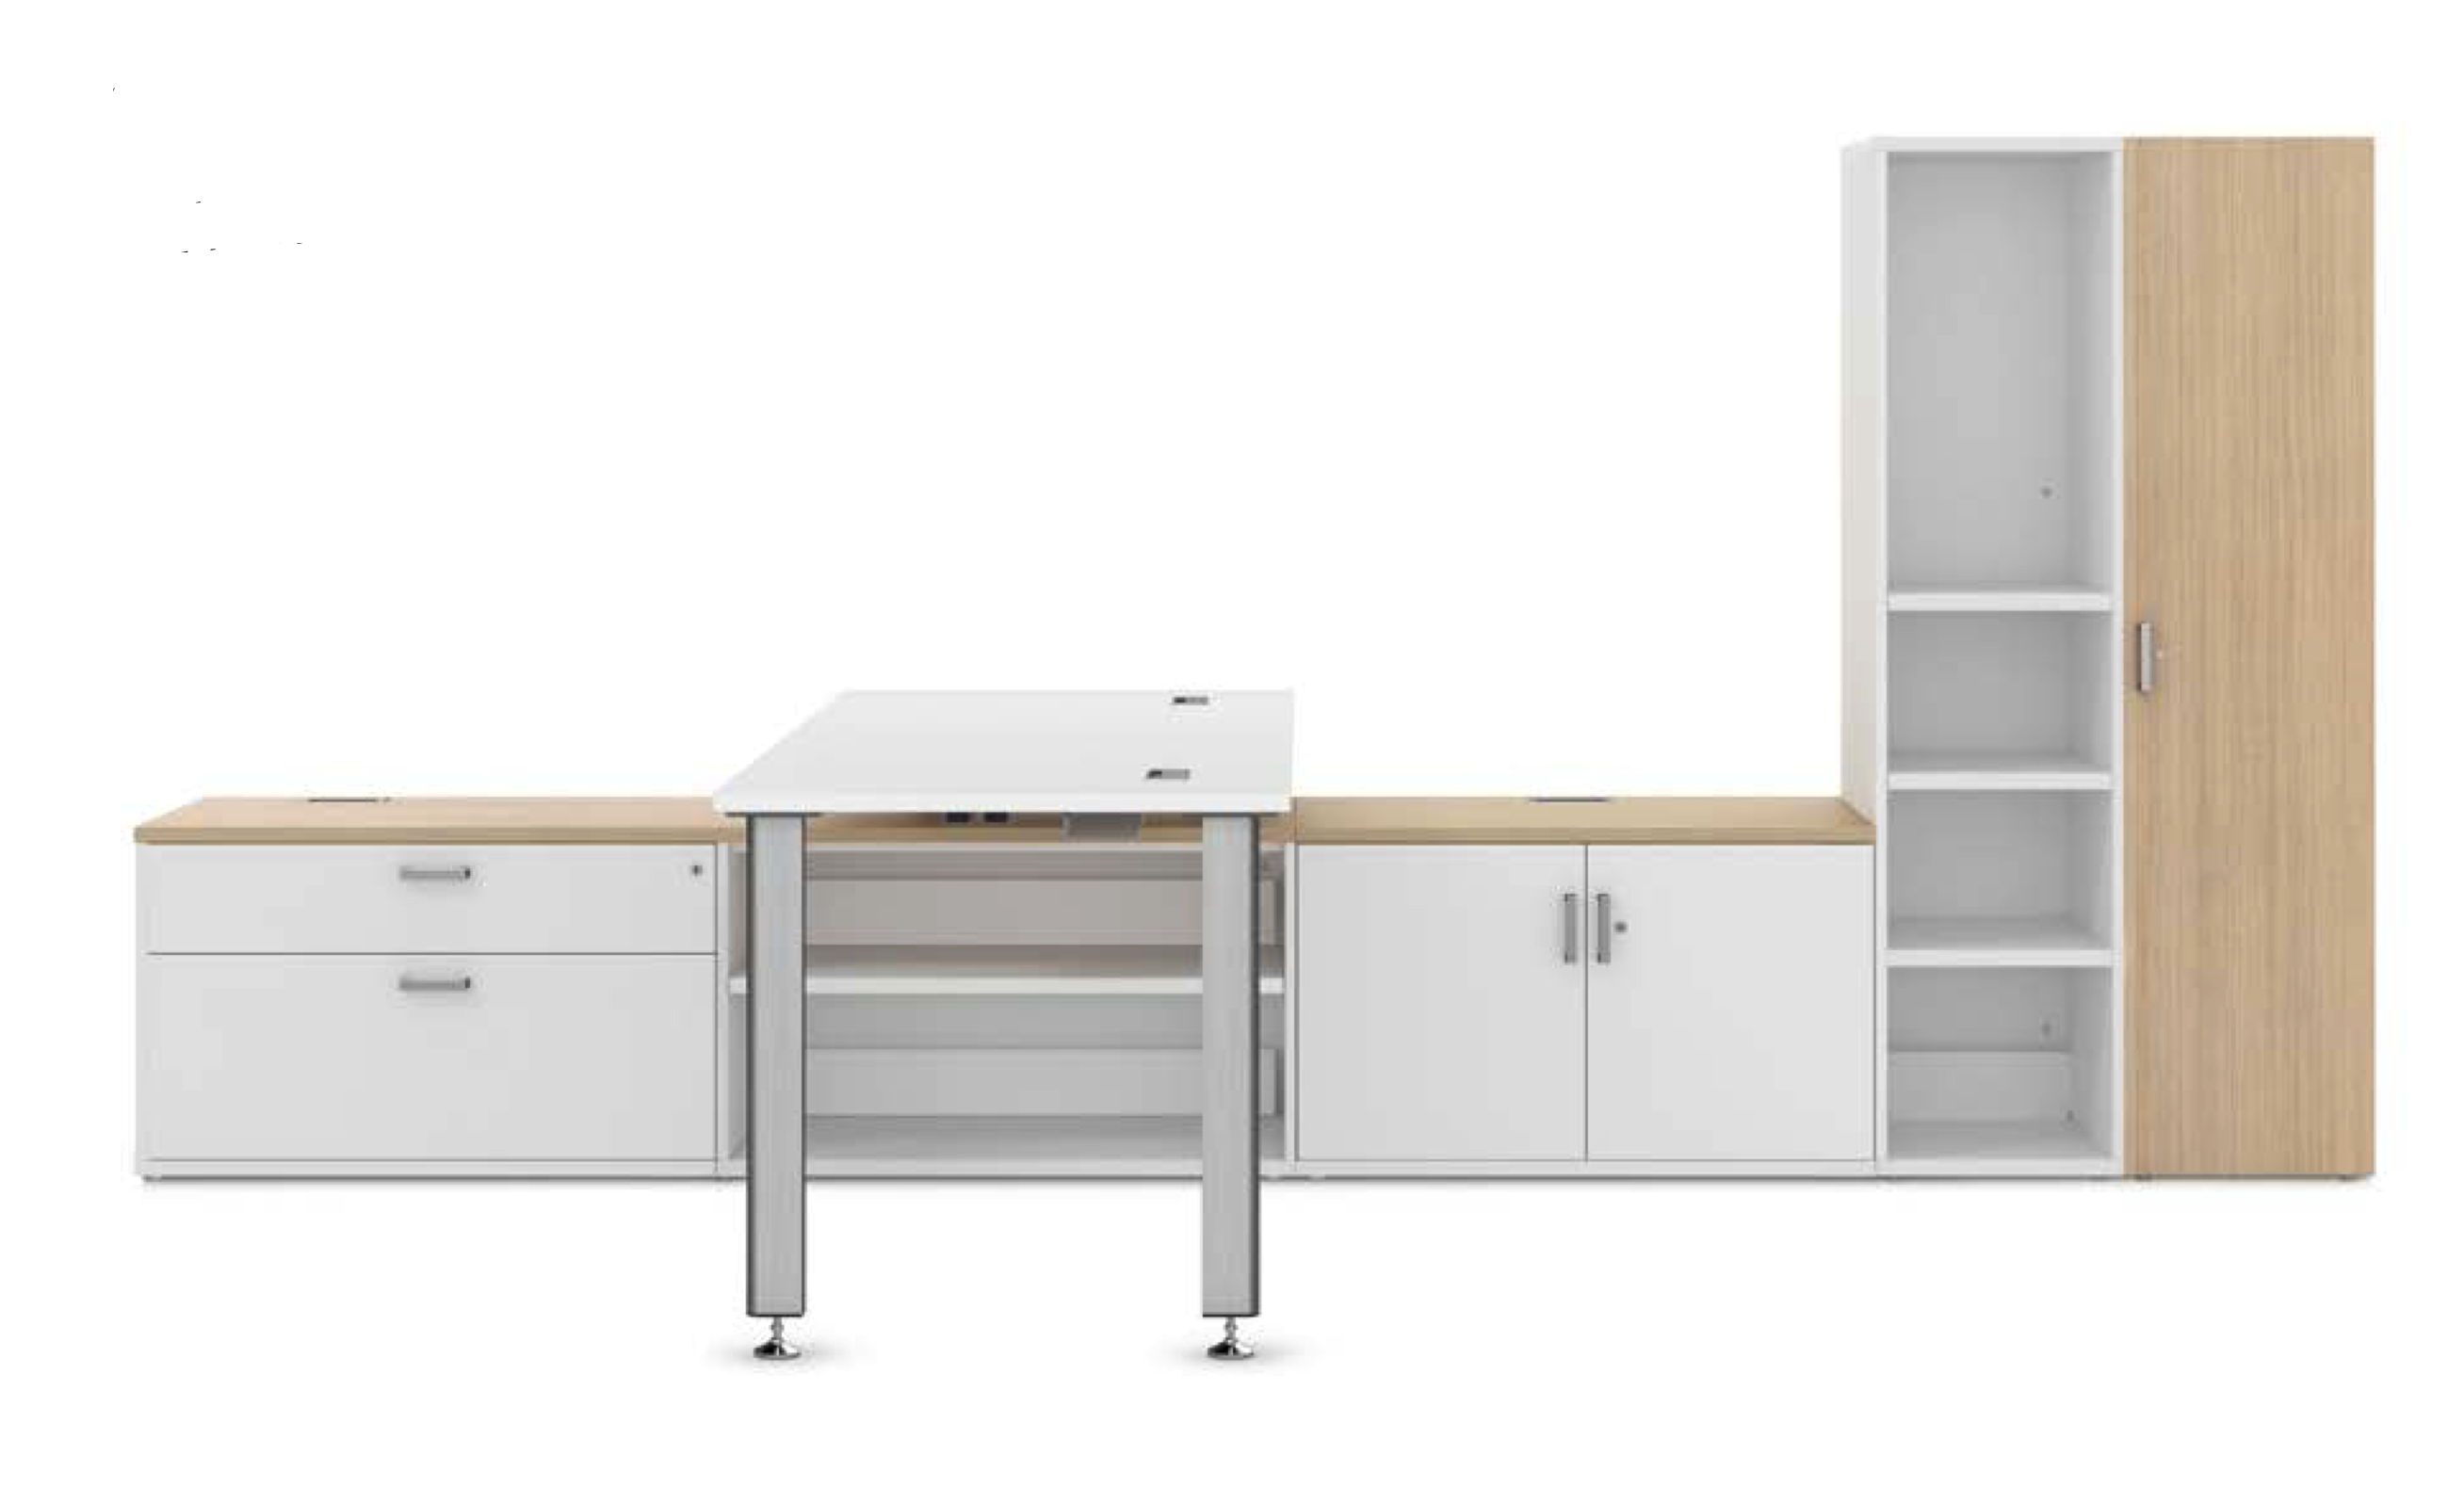 idesk t-shaped workstation